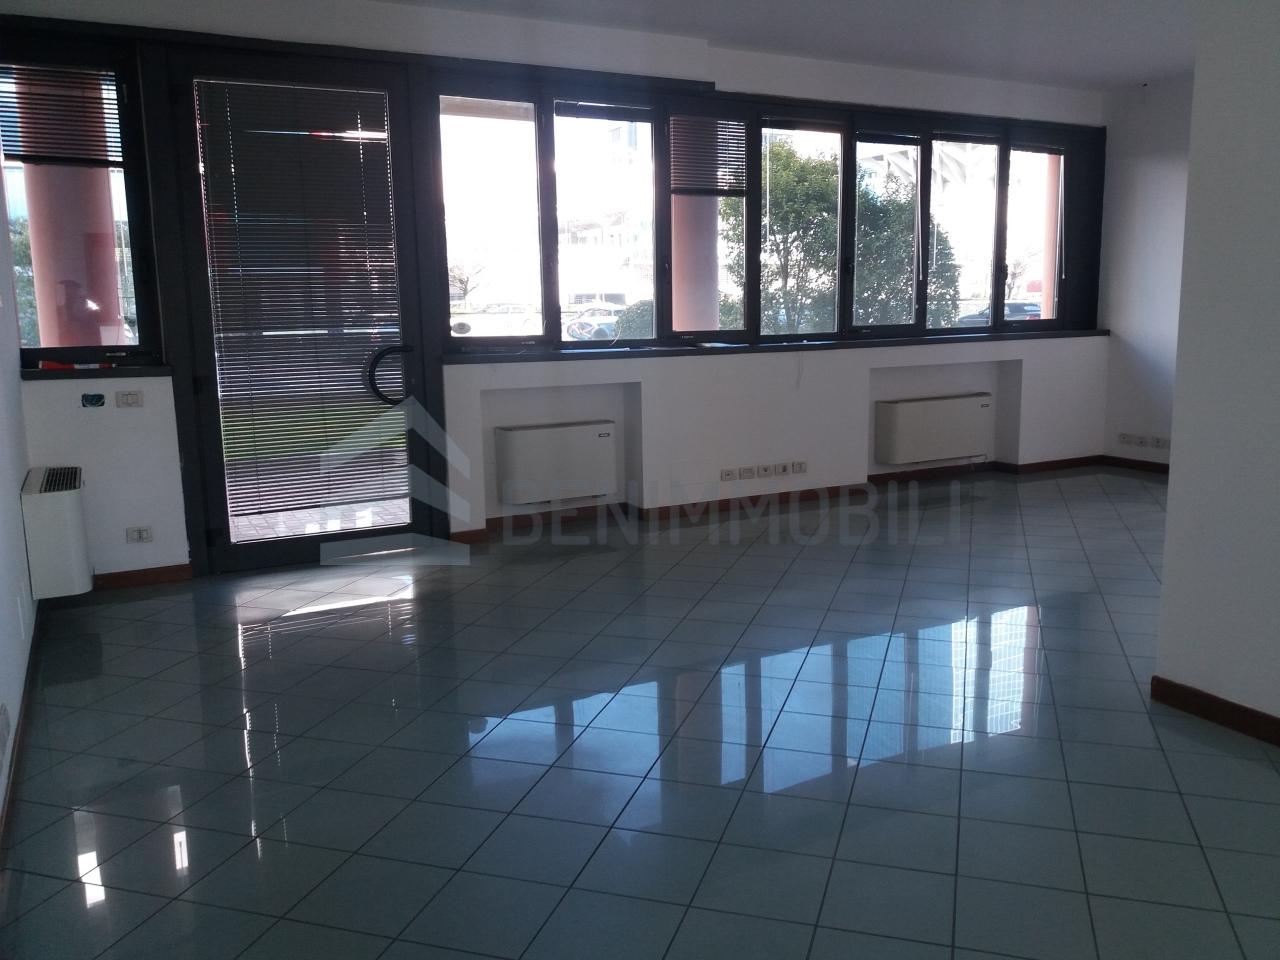 Uffici In Affitto A Brescia Casaspeciale It